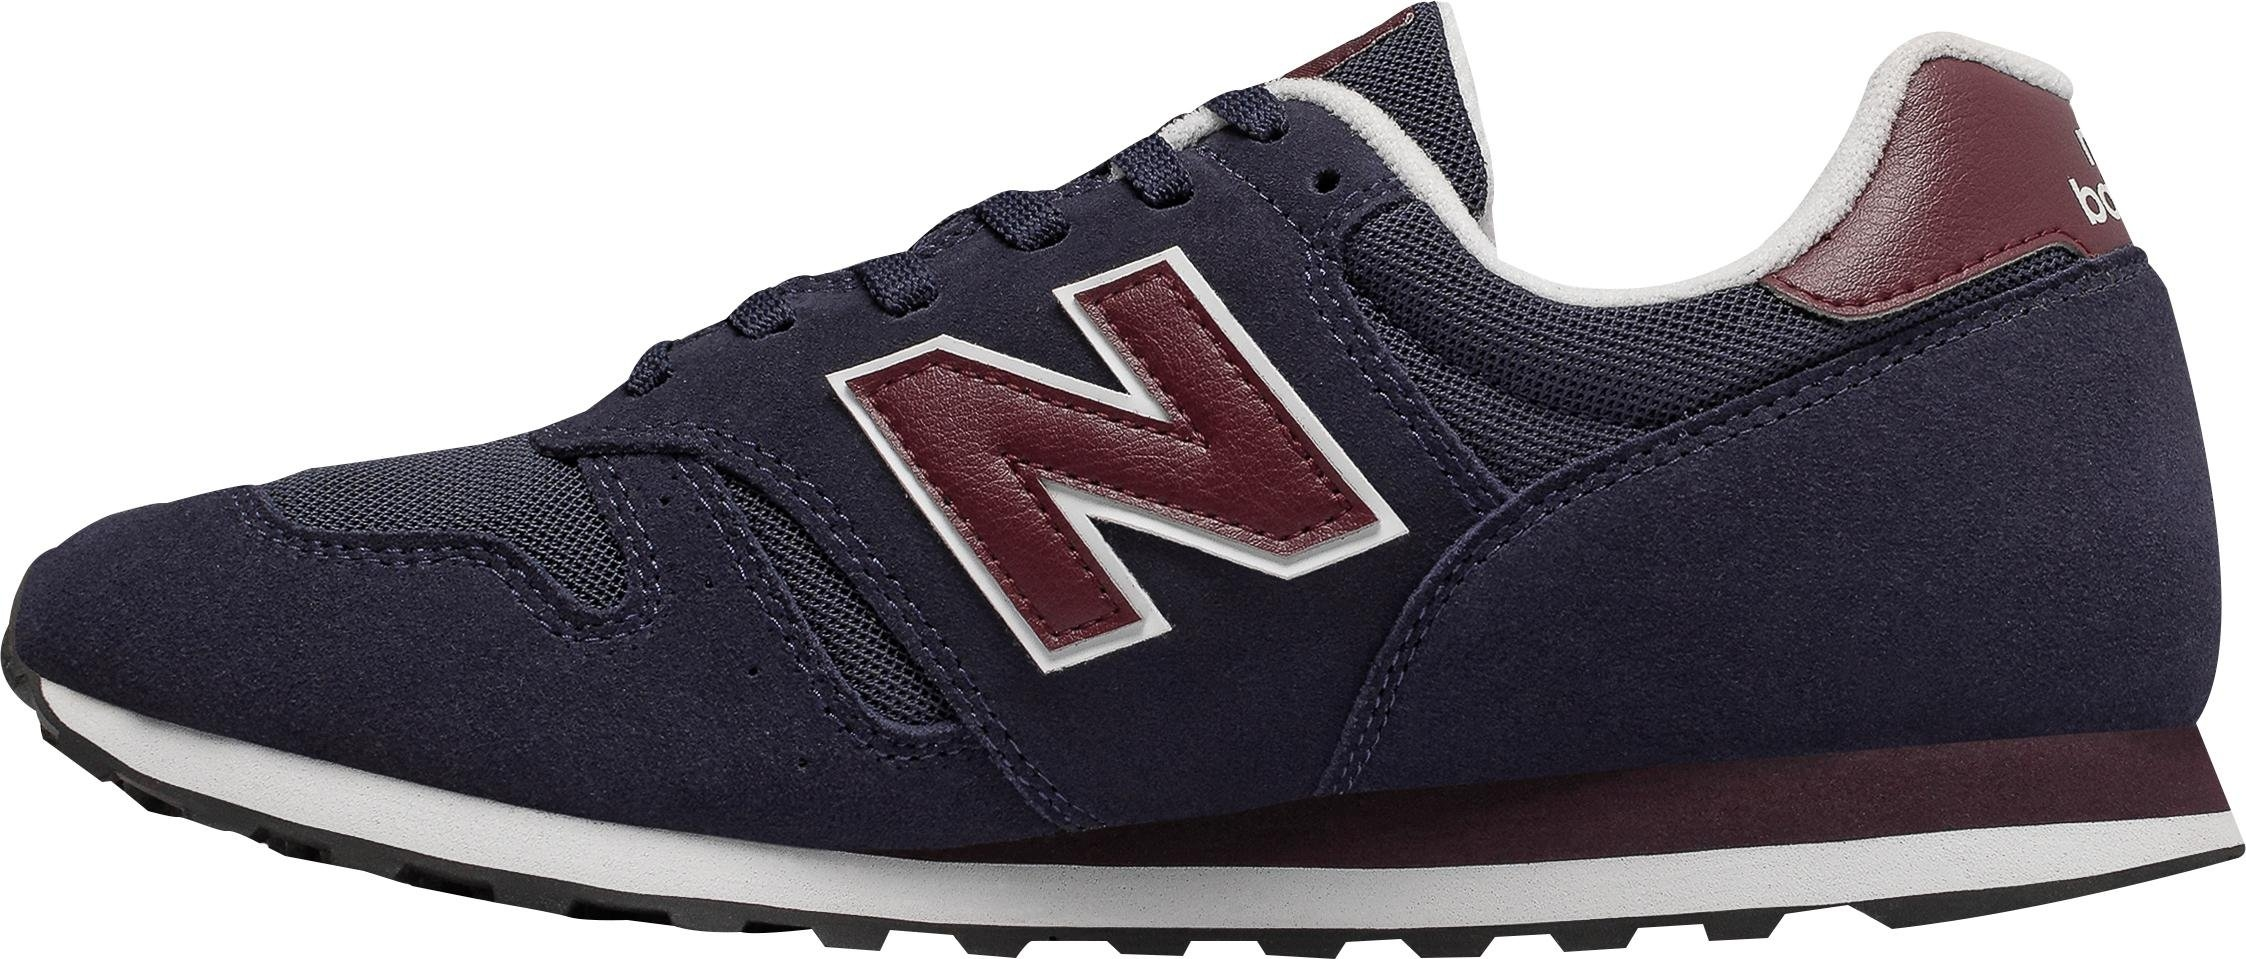 373 Vind Sneakersml New Je Bij Balance iPuZkOX